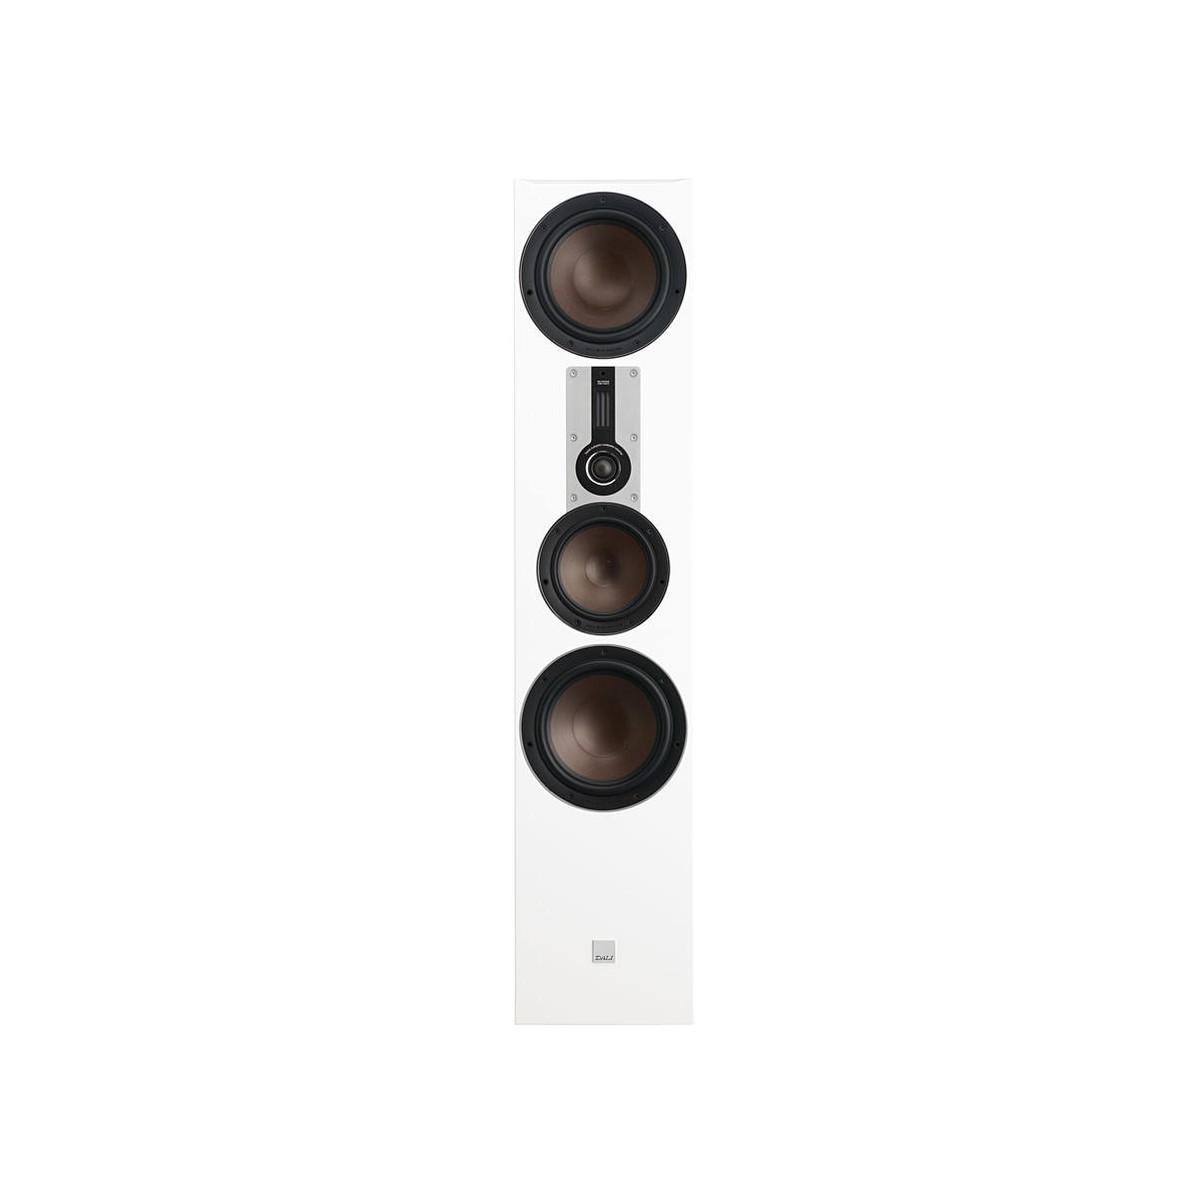 Floorstanding speaker OPTICON 8 BLACK SATIN